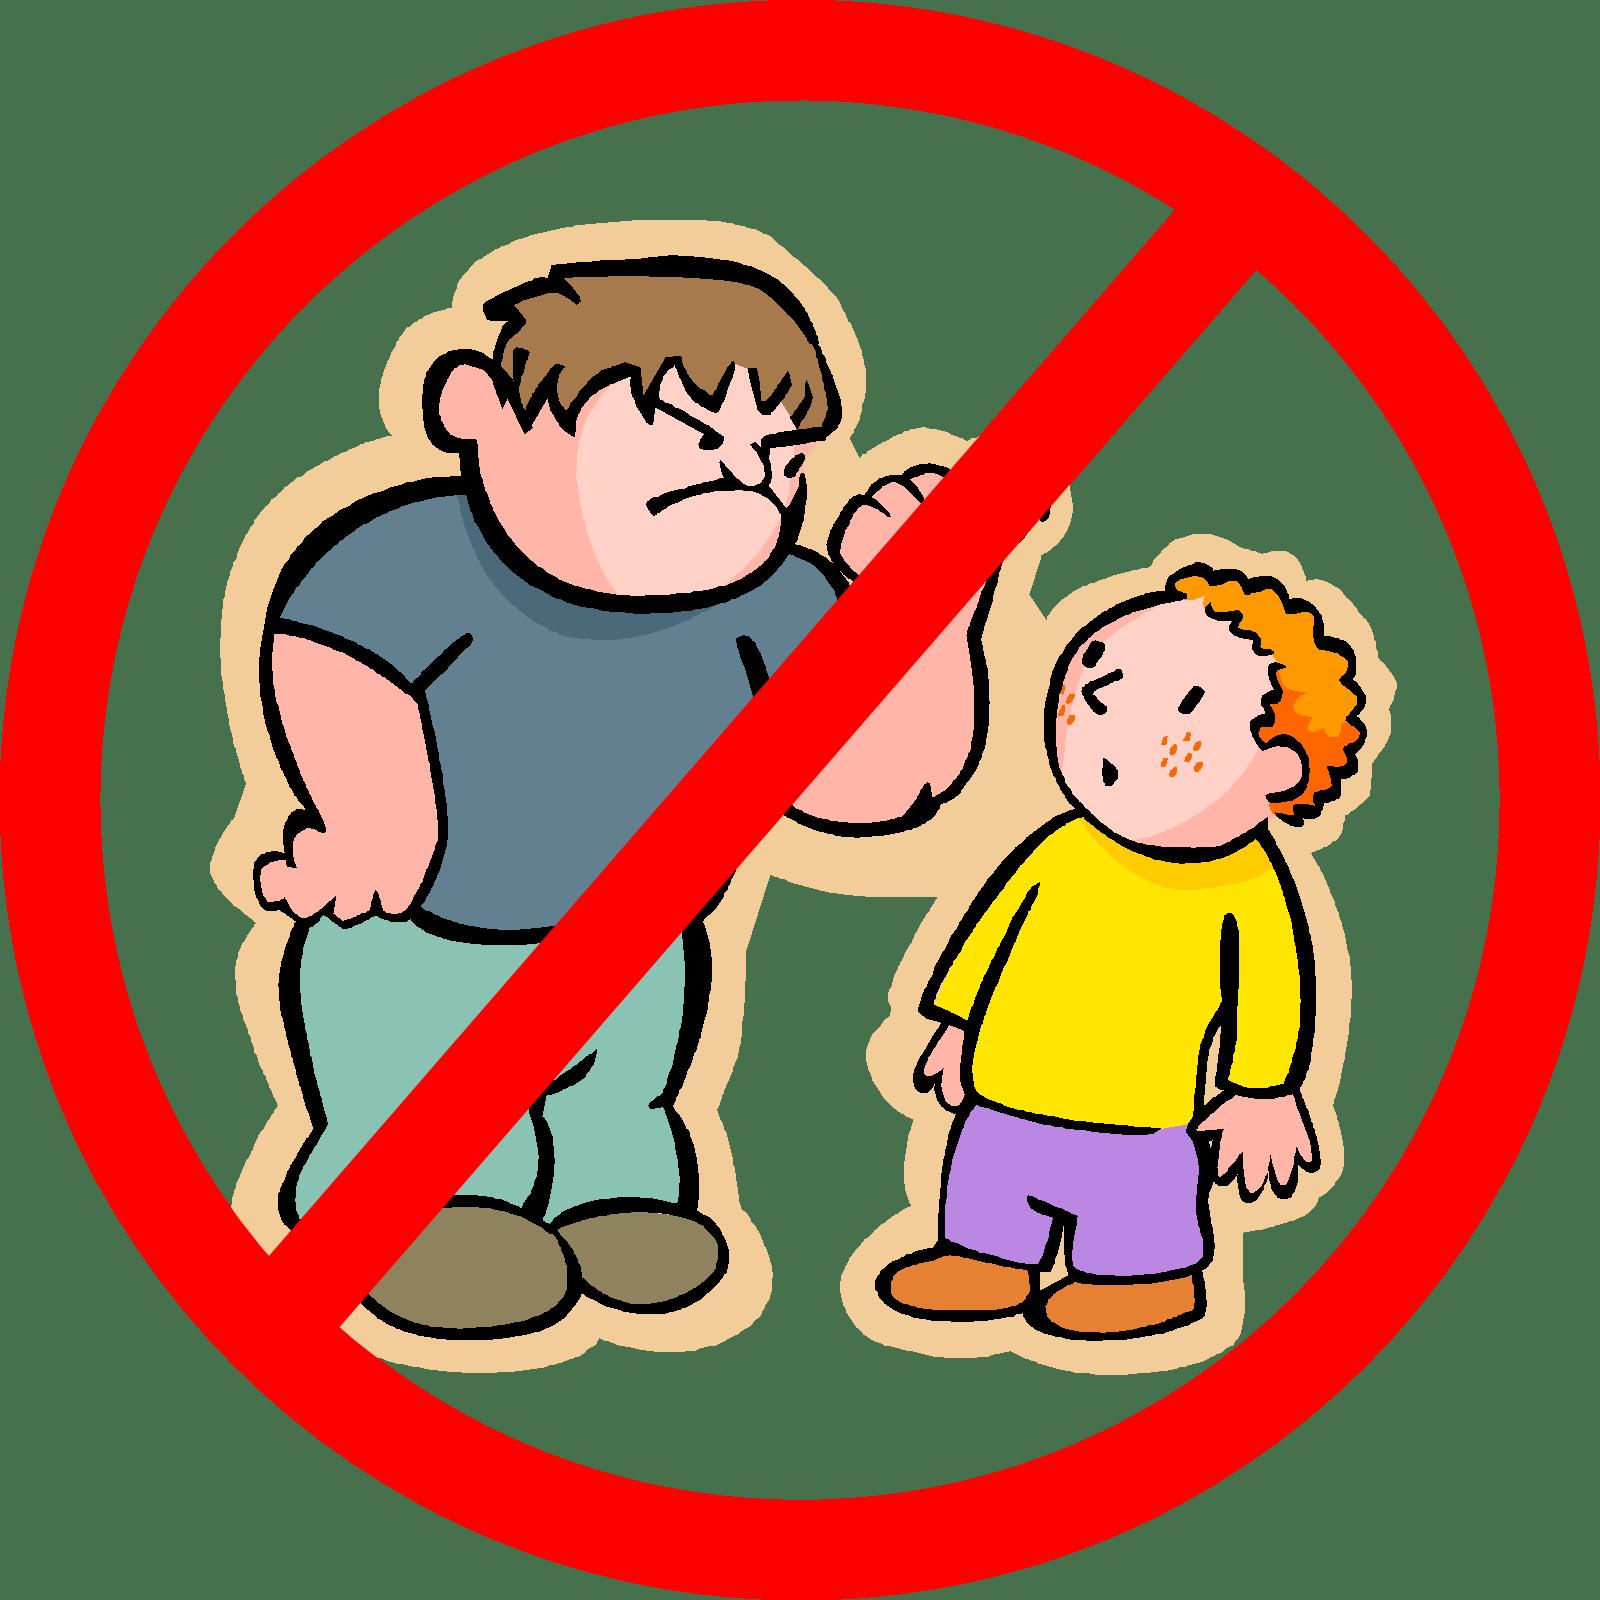 Kindergarten Amp Preschool For Parents Amp Teachers Stop Bullying It